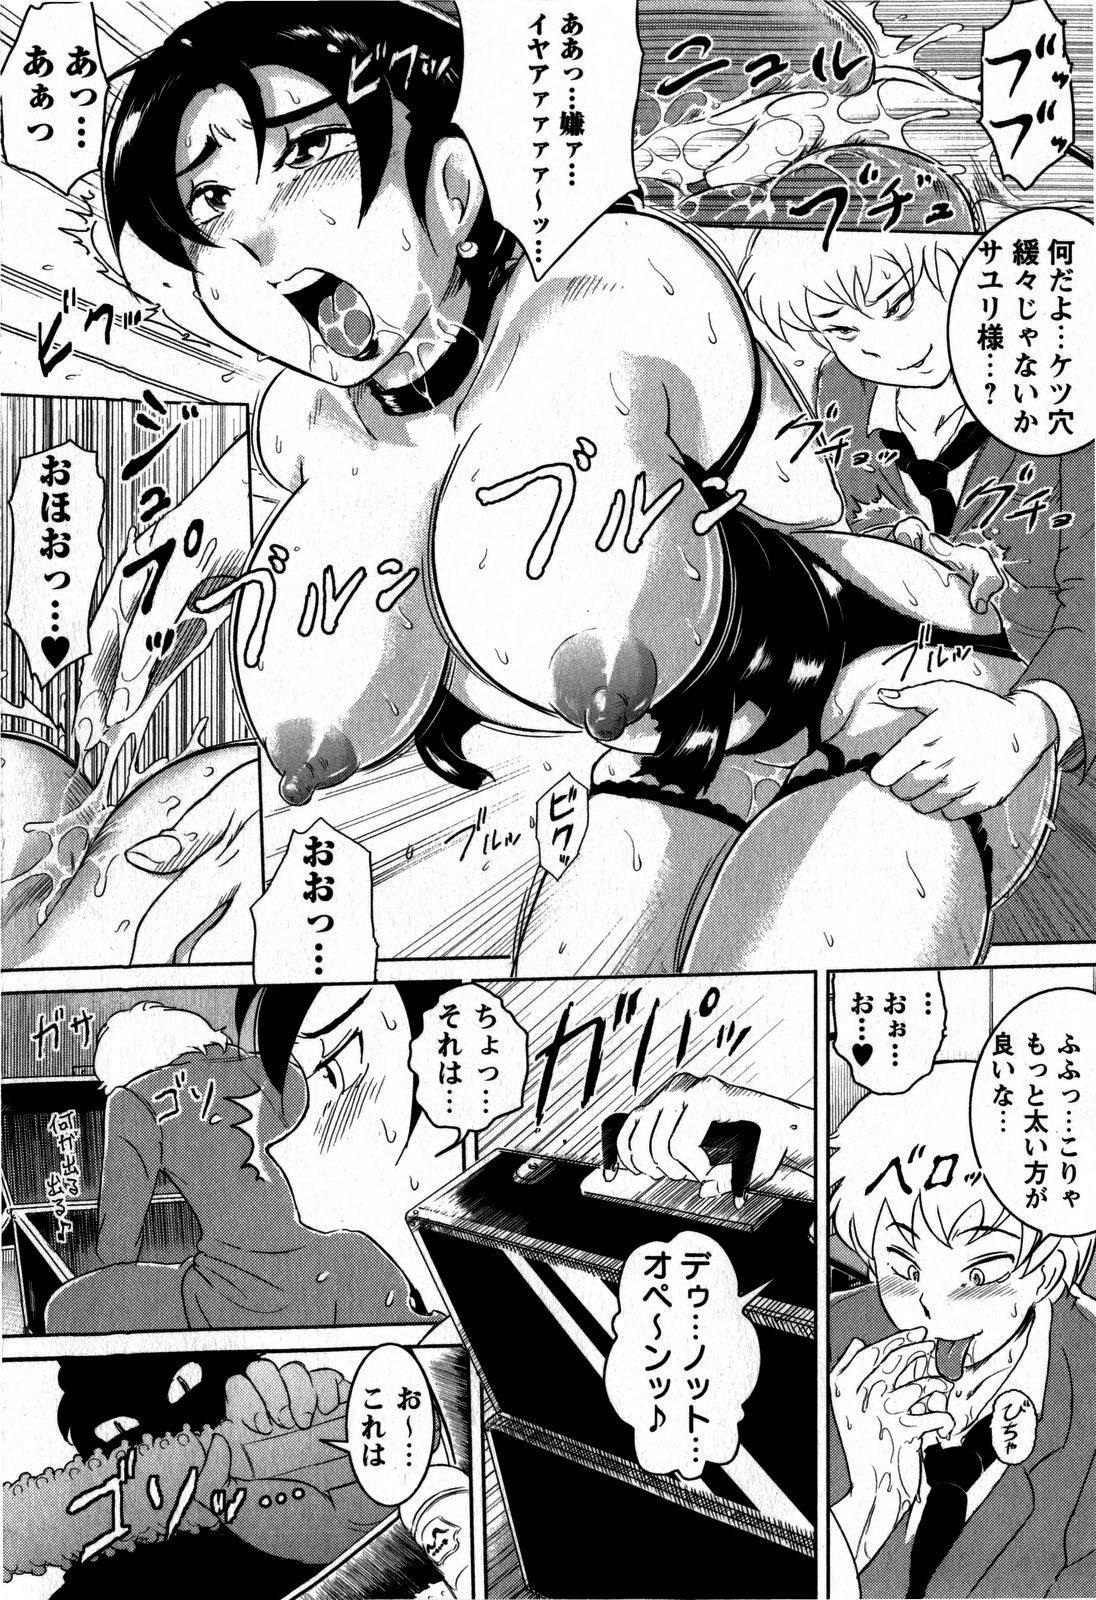 Comic Masyo 2009-06 219